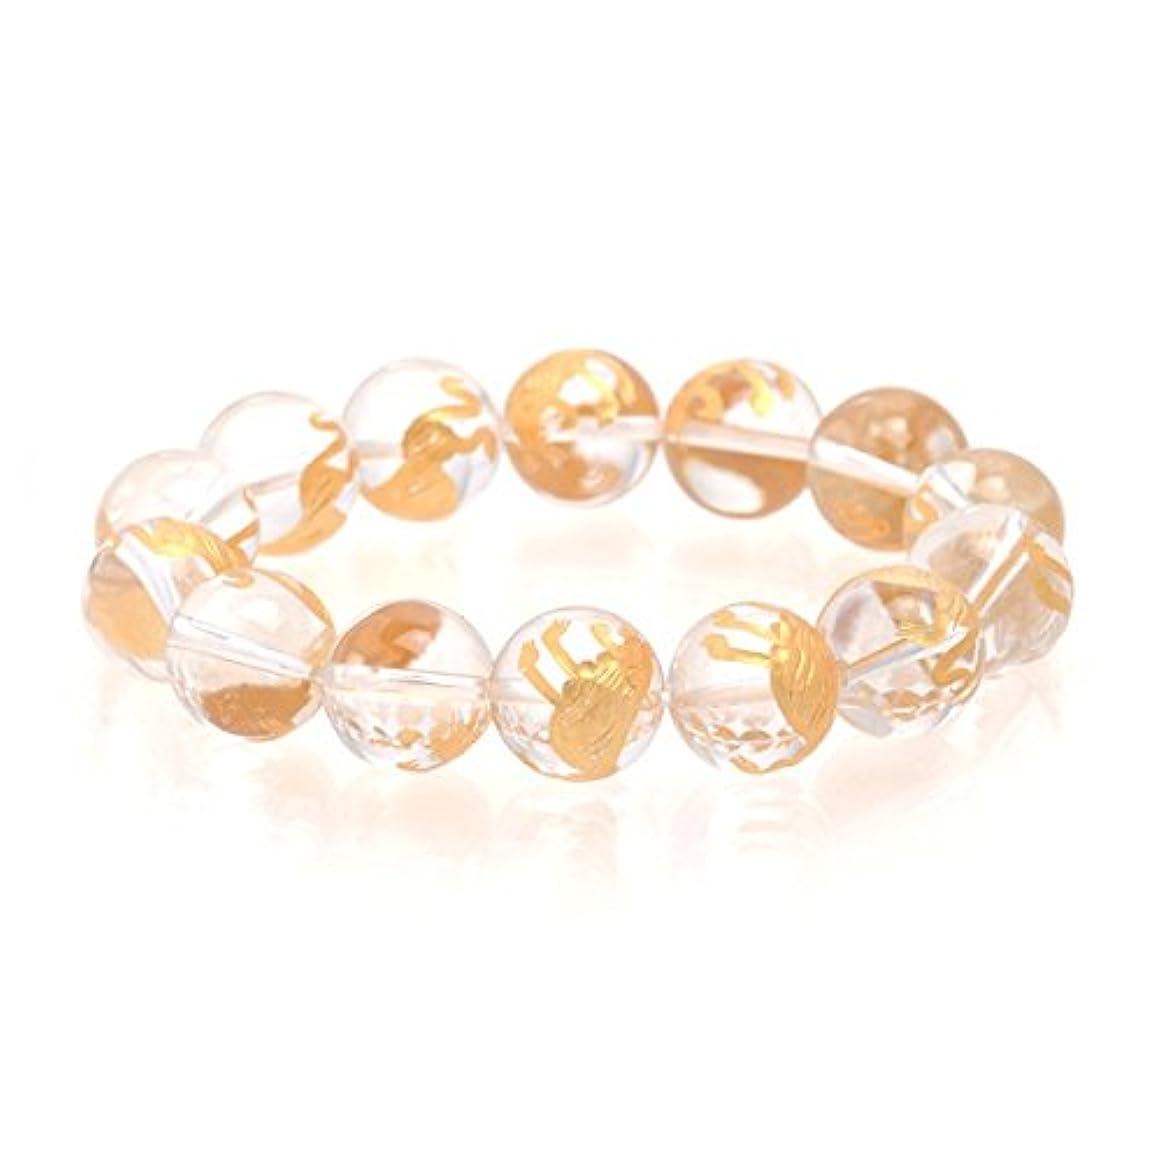 モジュールファイアルディスク水晶 ブレスレット 強い保護力と浄化力を持つとされる、クォーツ ファッション雑貨 大珠14mm手彫り白虎クリスタル(水晶)ブレスレット(金彫り)